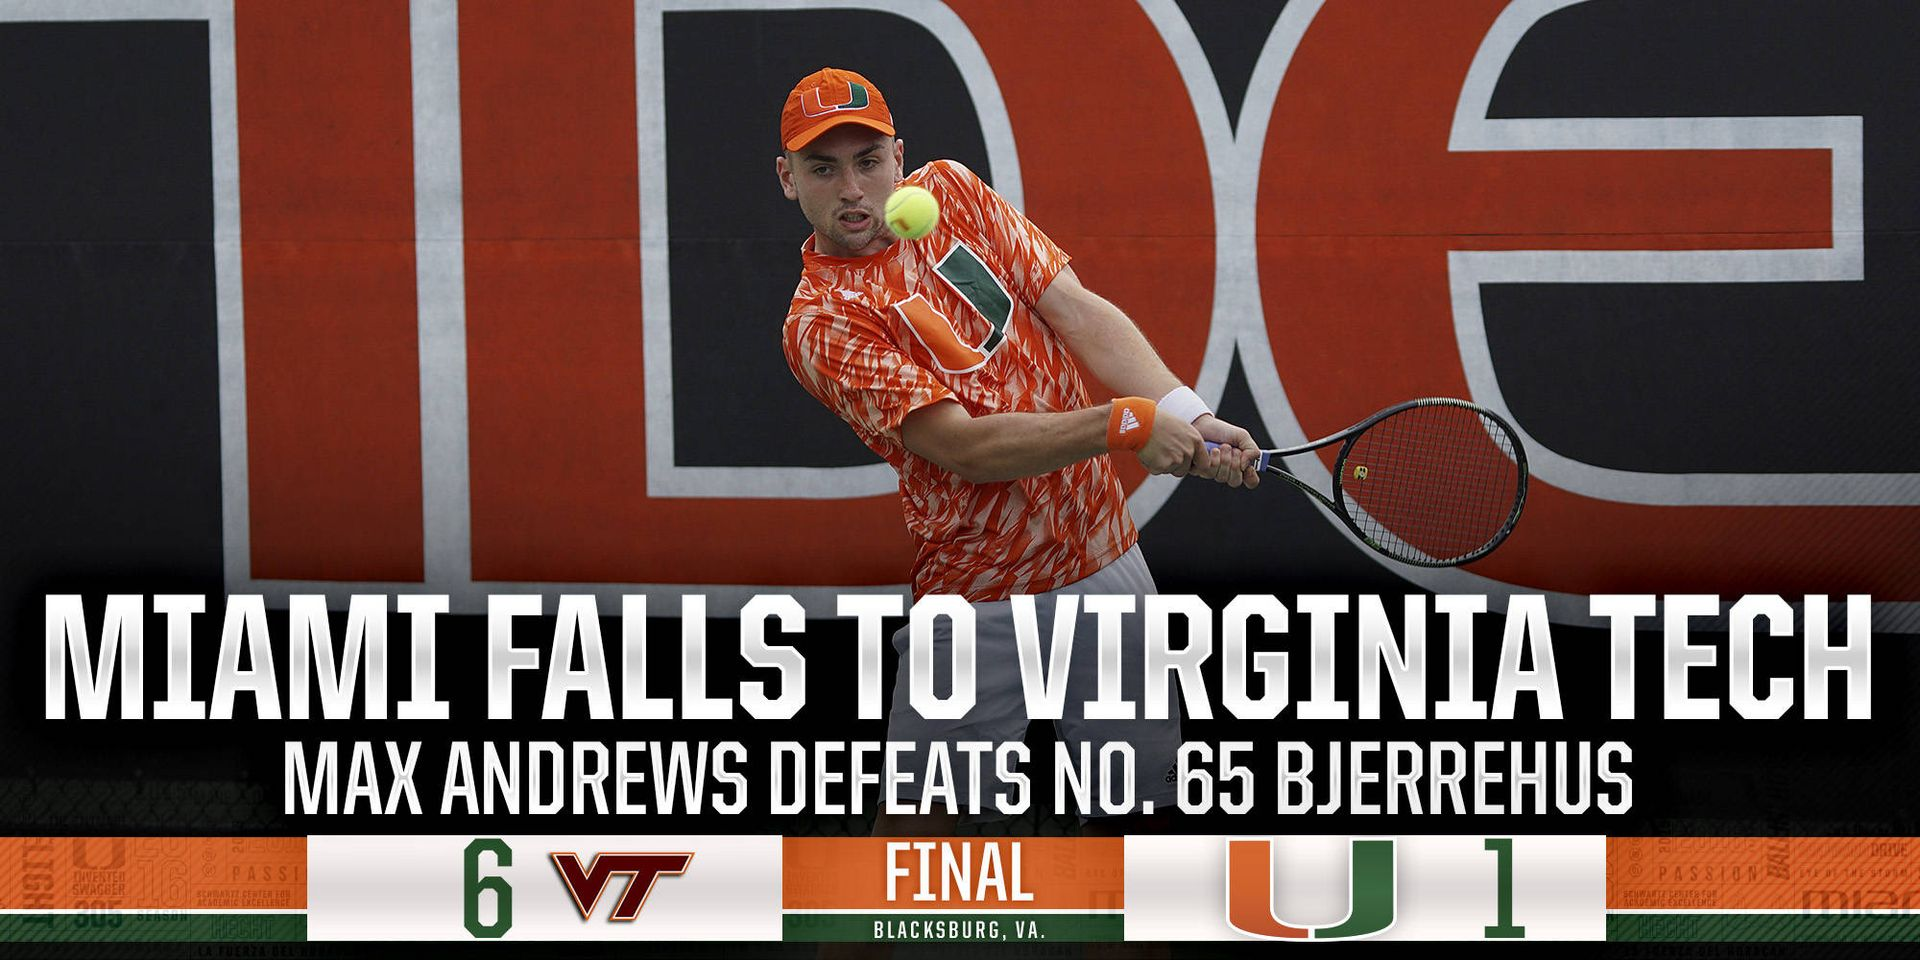 @CanesMensTennis Falls to No. 40 Virginia Tech